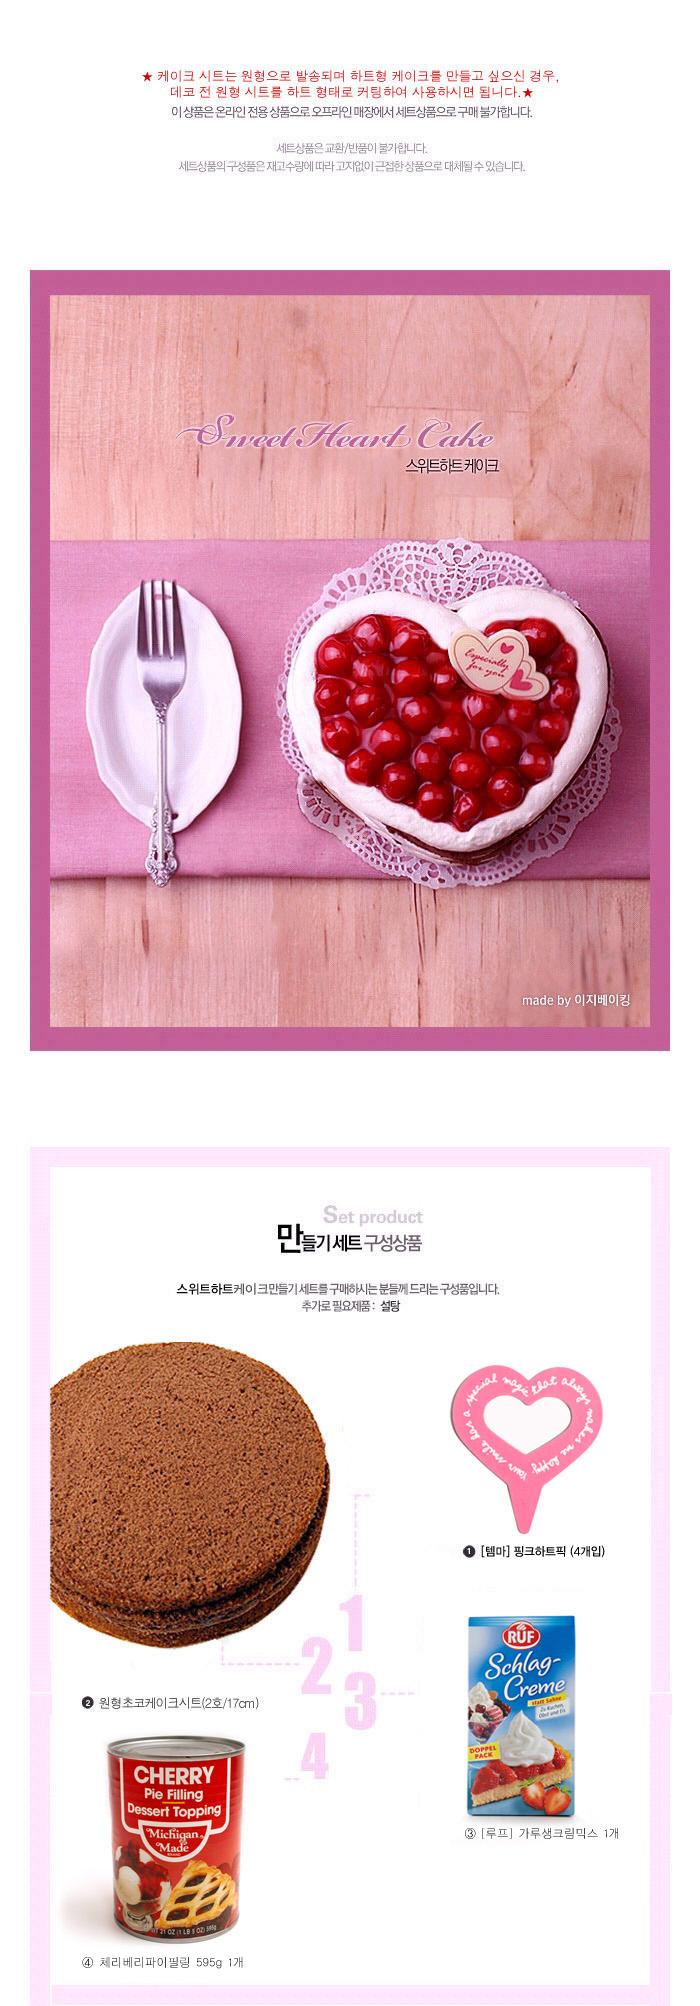 발렌타인케이크만들기세트